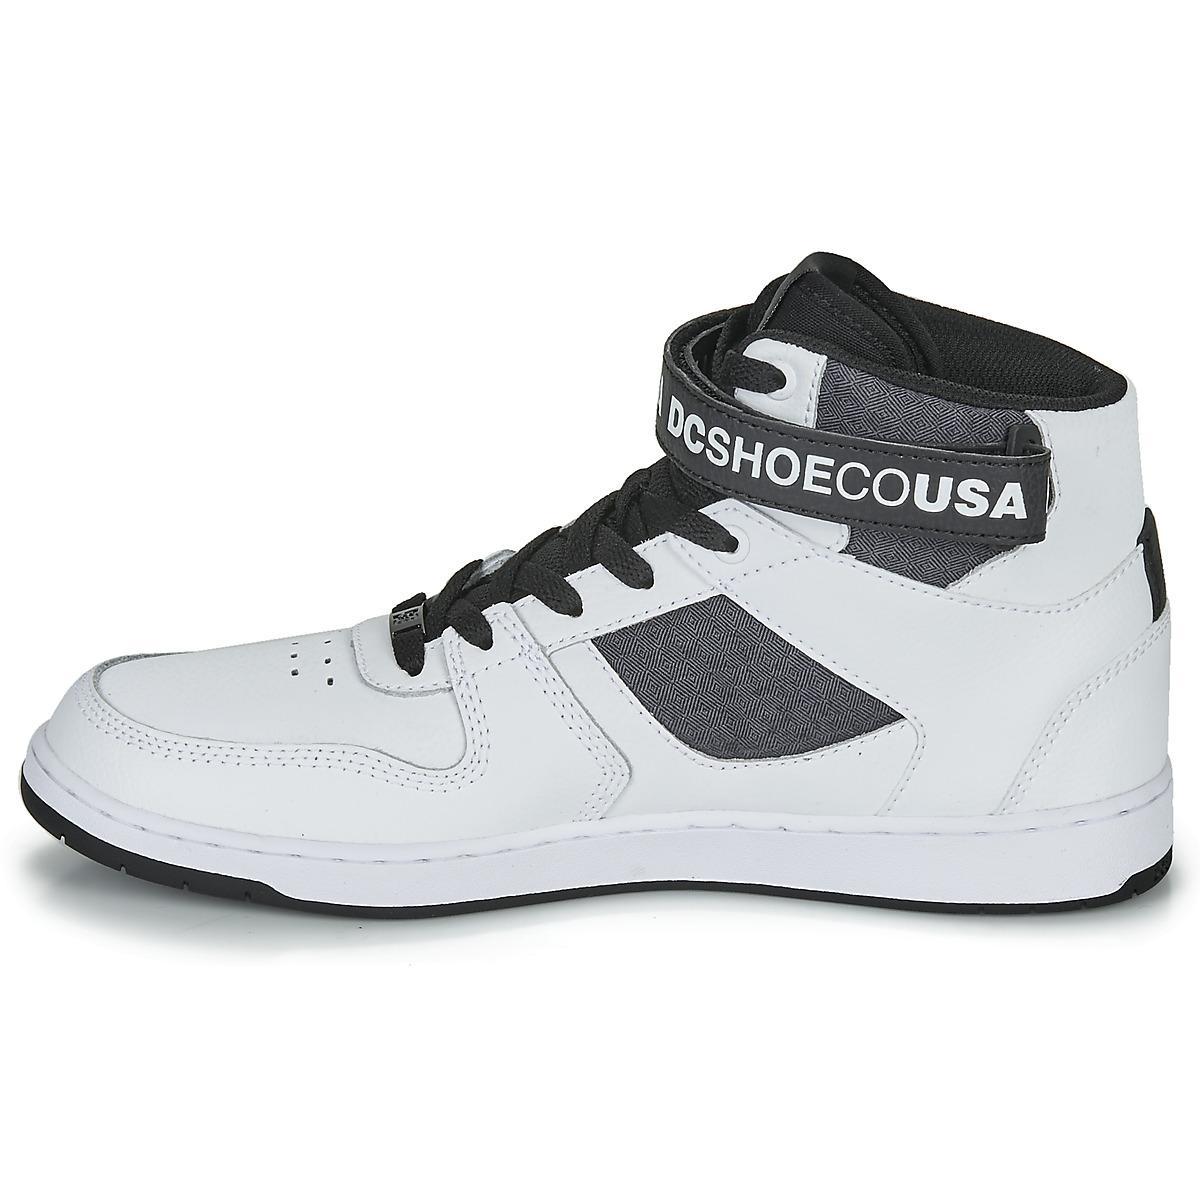 DC Shoes Hoge Sneakers Pensford Se in het Wit voor heren